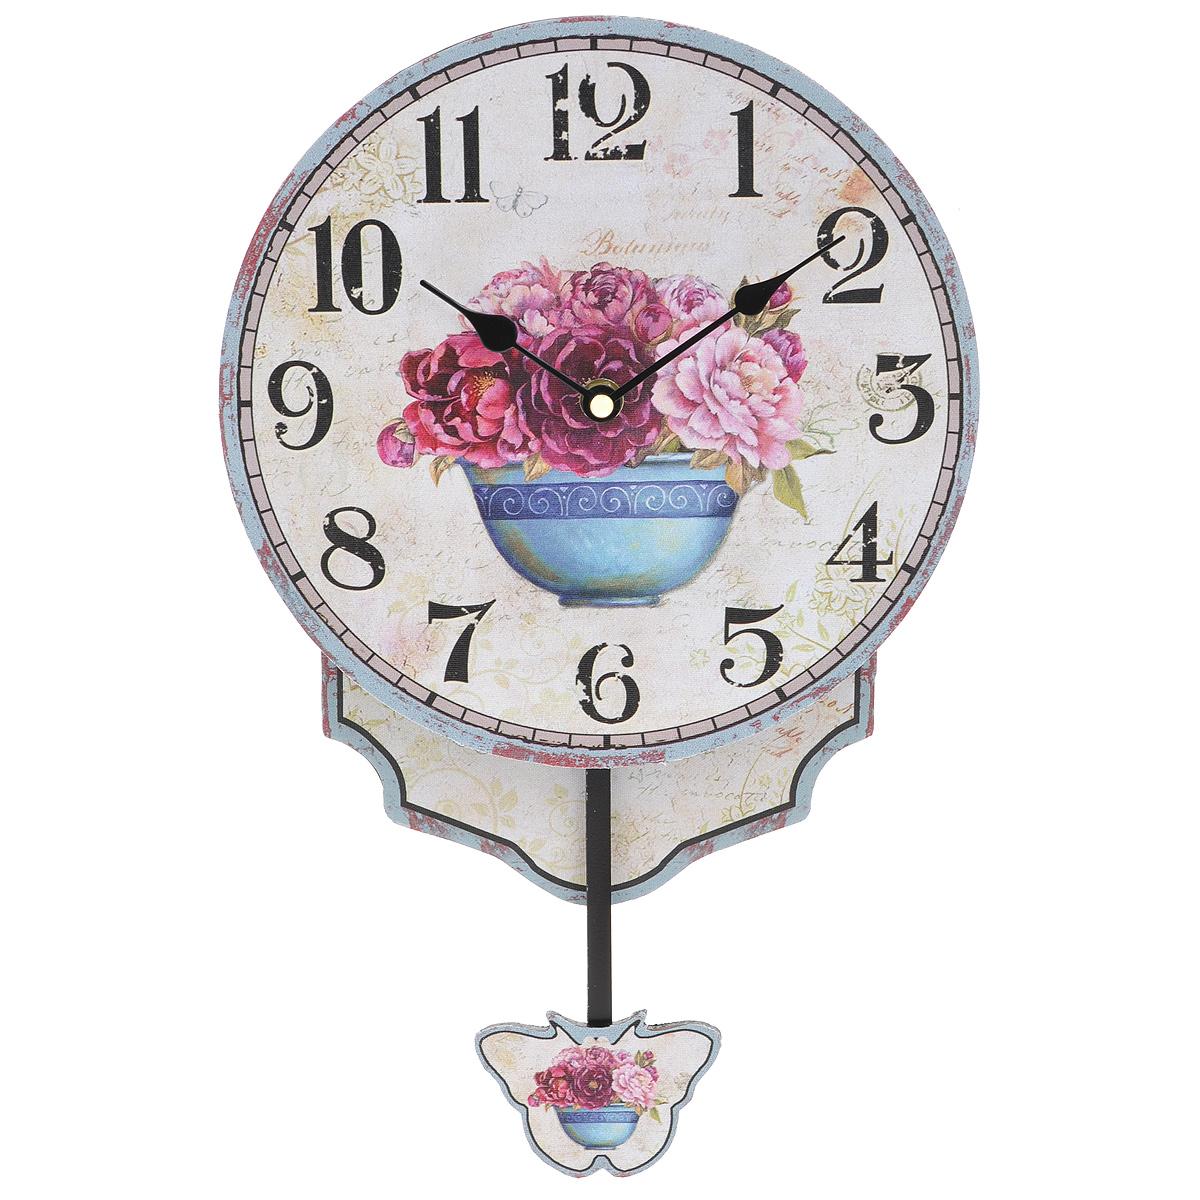 Часы настенные Цветы, кварцевые, с маятником. 3037630376Настенные кварцевые часы Цветы изготовлены из МДФ. Часы имеют круглую форму. Корпус оформлен изображением цветов в горшке. Тип индикации - арабские цифры. Часы имеют две стрелки - часовую и минутную. С задней стороны имеется петелька для подвешивания на стену. Часы имеют маятник в виде бабочки. Изящные часы красиво и оригинально оформят интерьер дома или офиса. Часы работают от одной батарейки типа АА мощностью 1,5V (в комплект не входит). Размер корпуса (ДхШхВ) (без учета маятника): 30 см х 24 см х 4 см. Диаметр циферблата: 24 см. Внимание! Уважаемые клиенты, обращаем ваше внимание на тот факт, что циферблат часов не защищен стеклом!